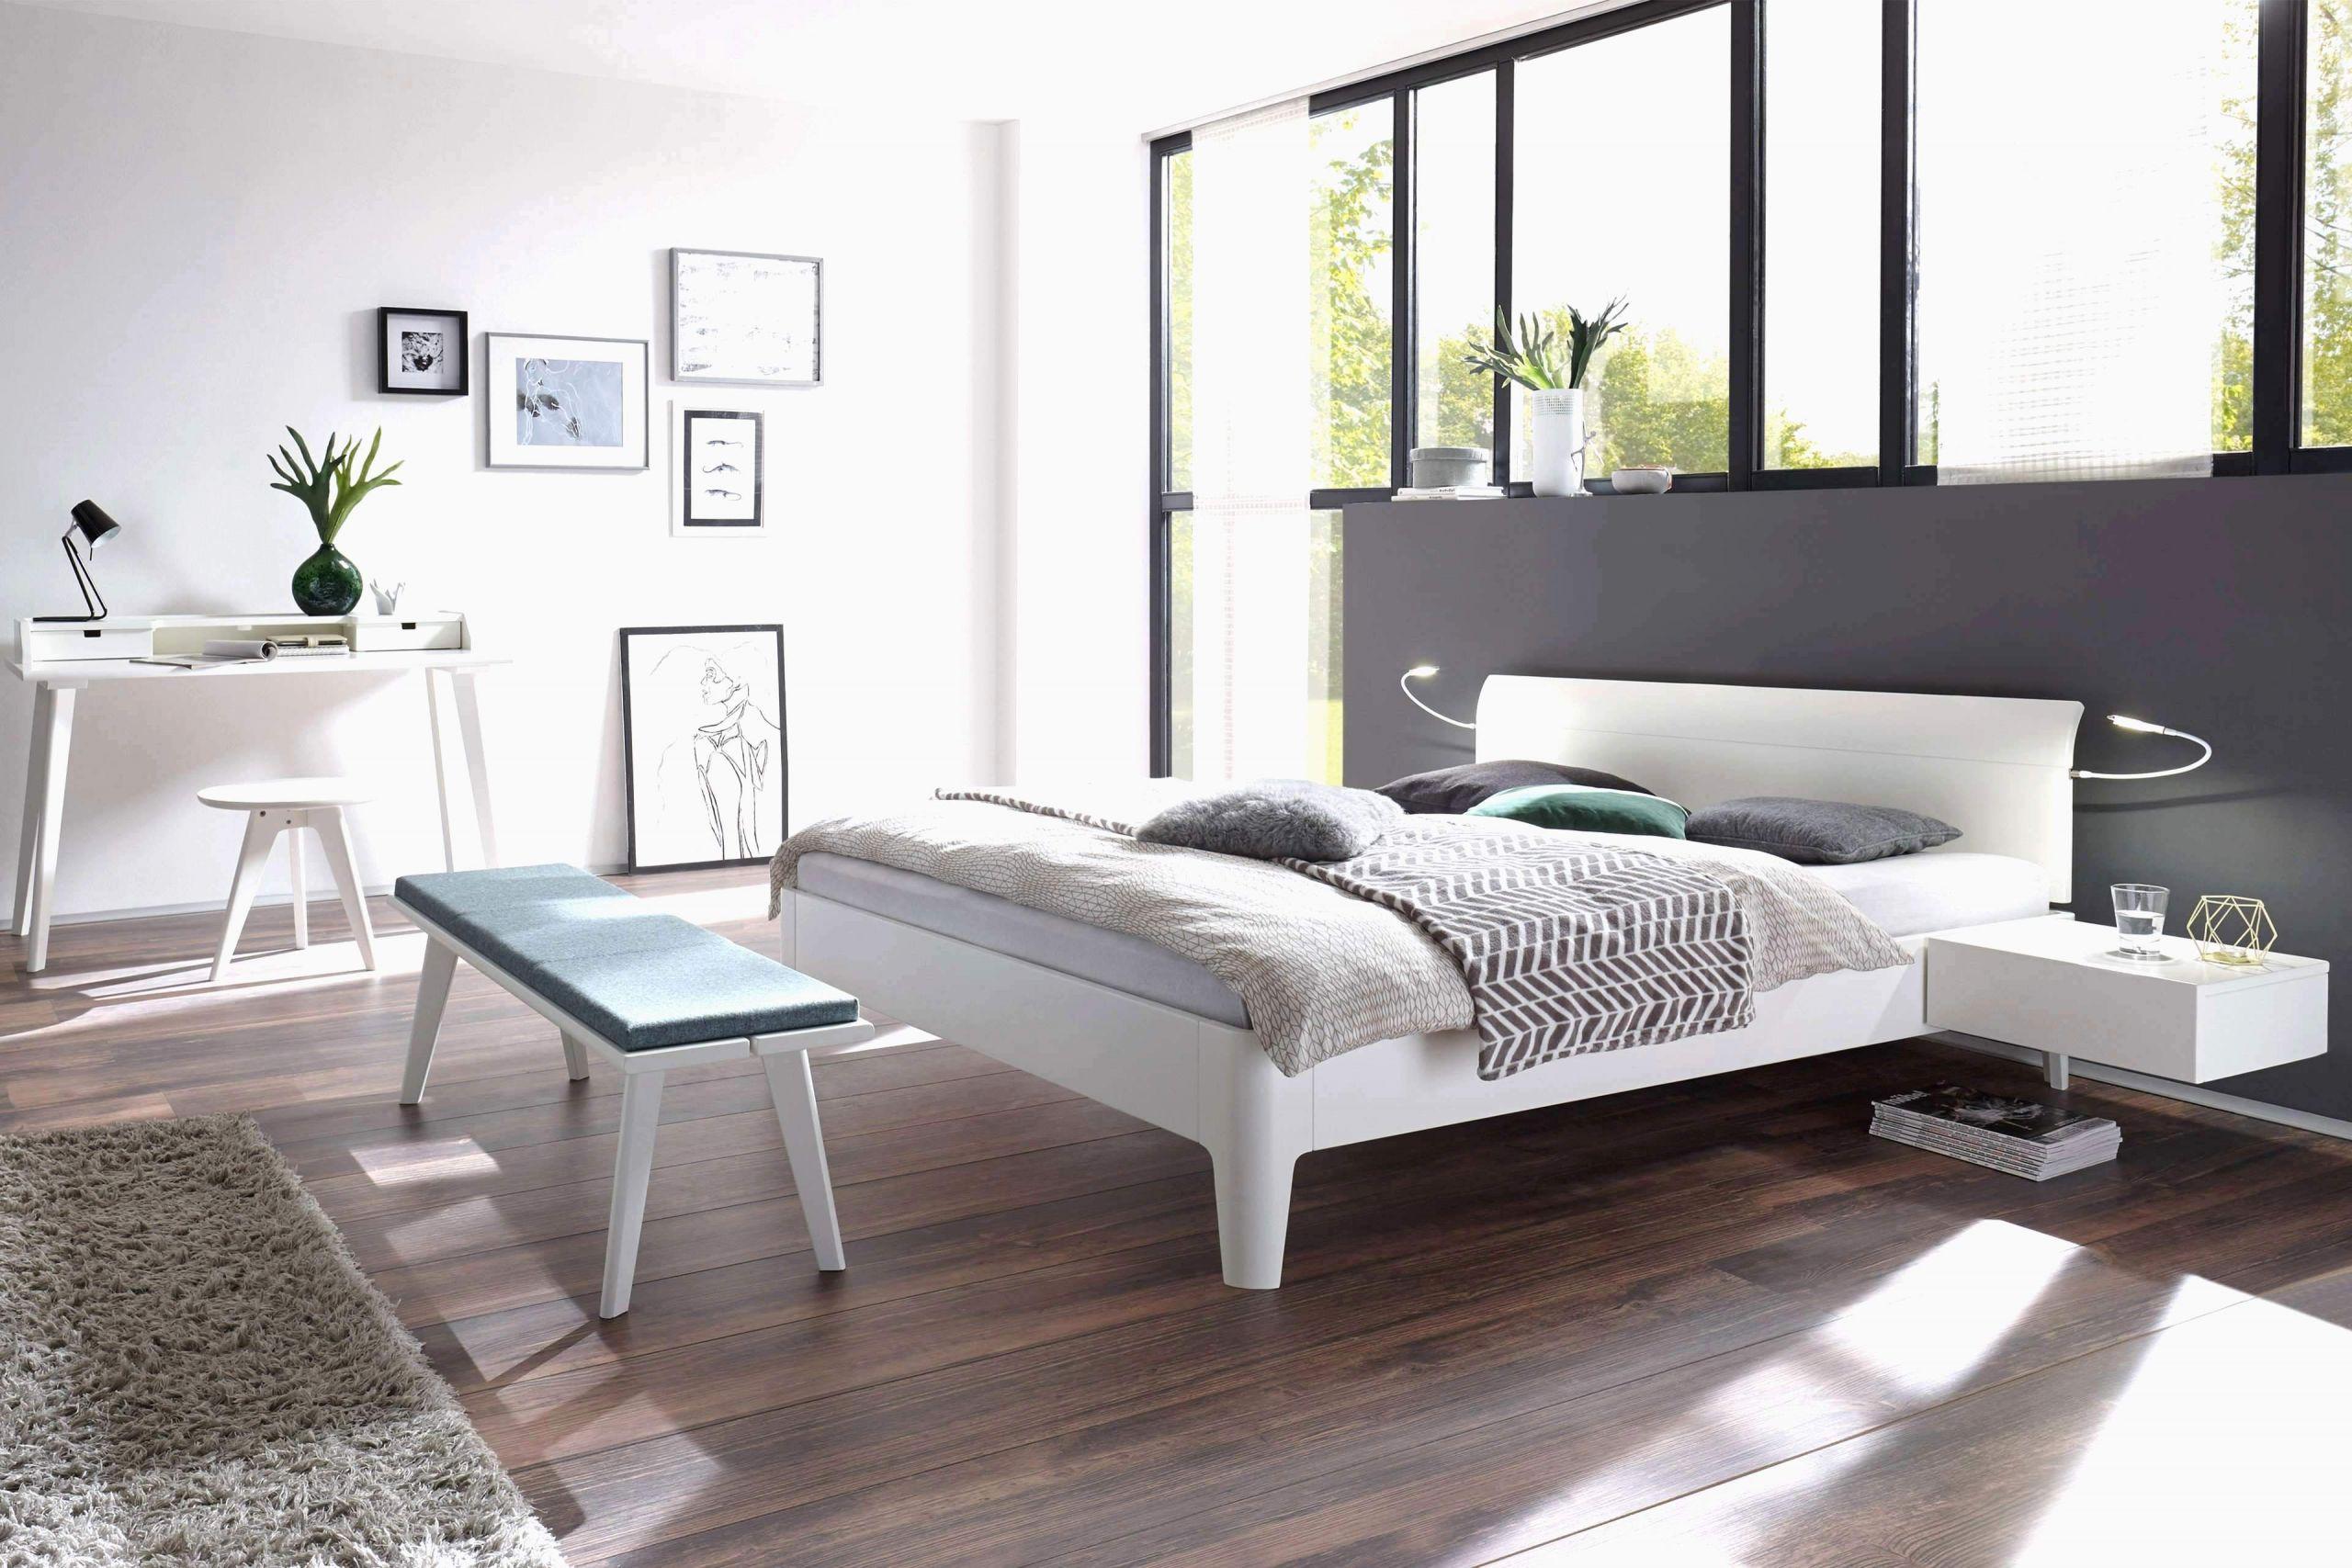 kabelkanal wohnzimmer neu wohnzimmer inspiration ideen tipps von experten of kabelkanal wohnzimmer